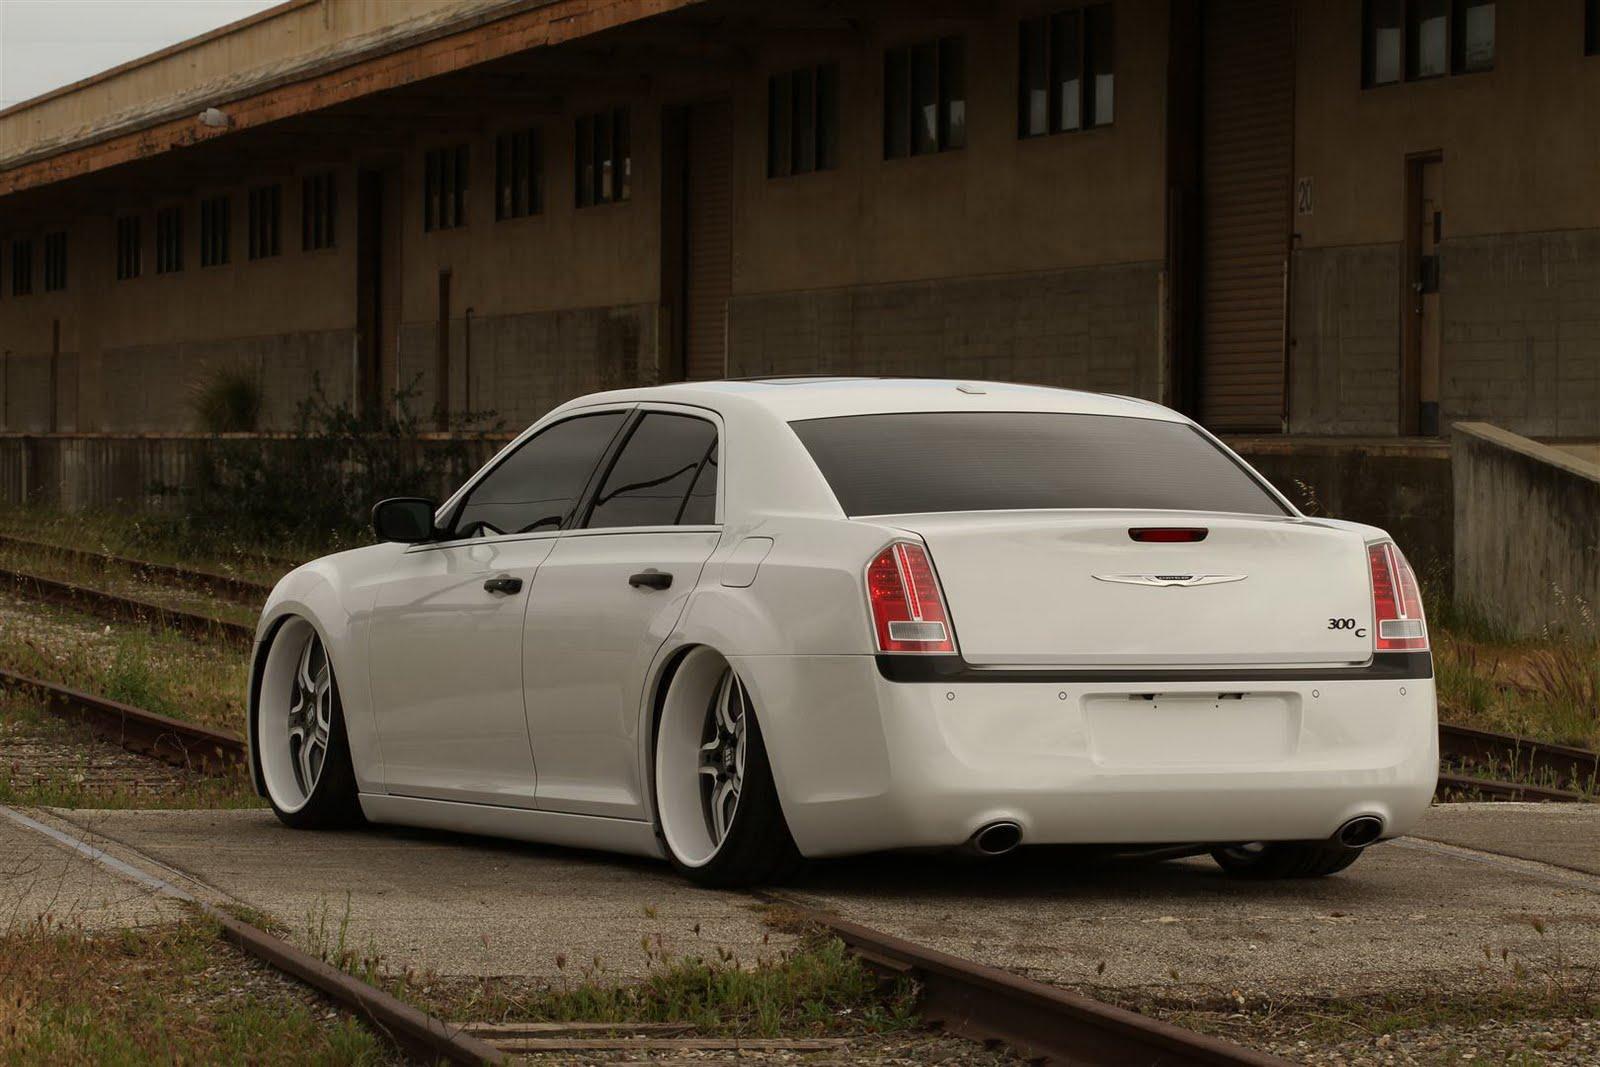 http://1.bp.blogspot.com/-h-9D3J8WLCk/TZZ-HieFTqI/AAAAAAAADCI/7PPykcDF_rA/s1600/Chrysler-300-FatChance20-16.JPG